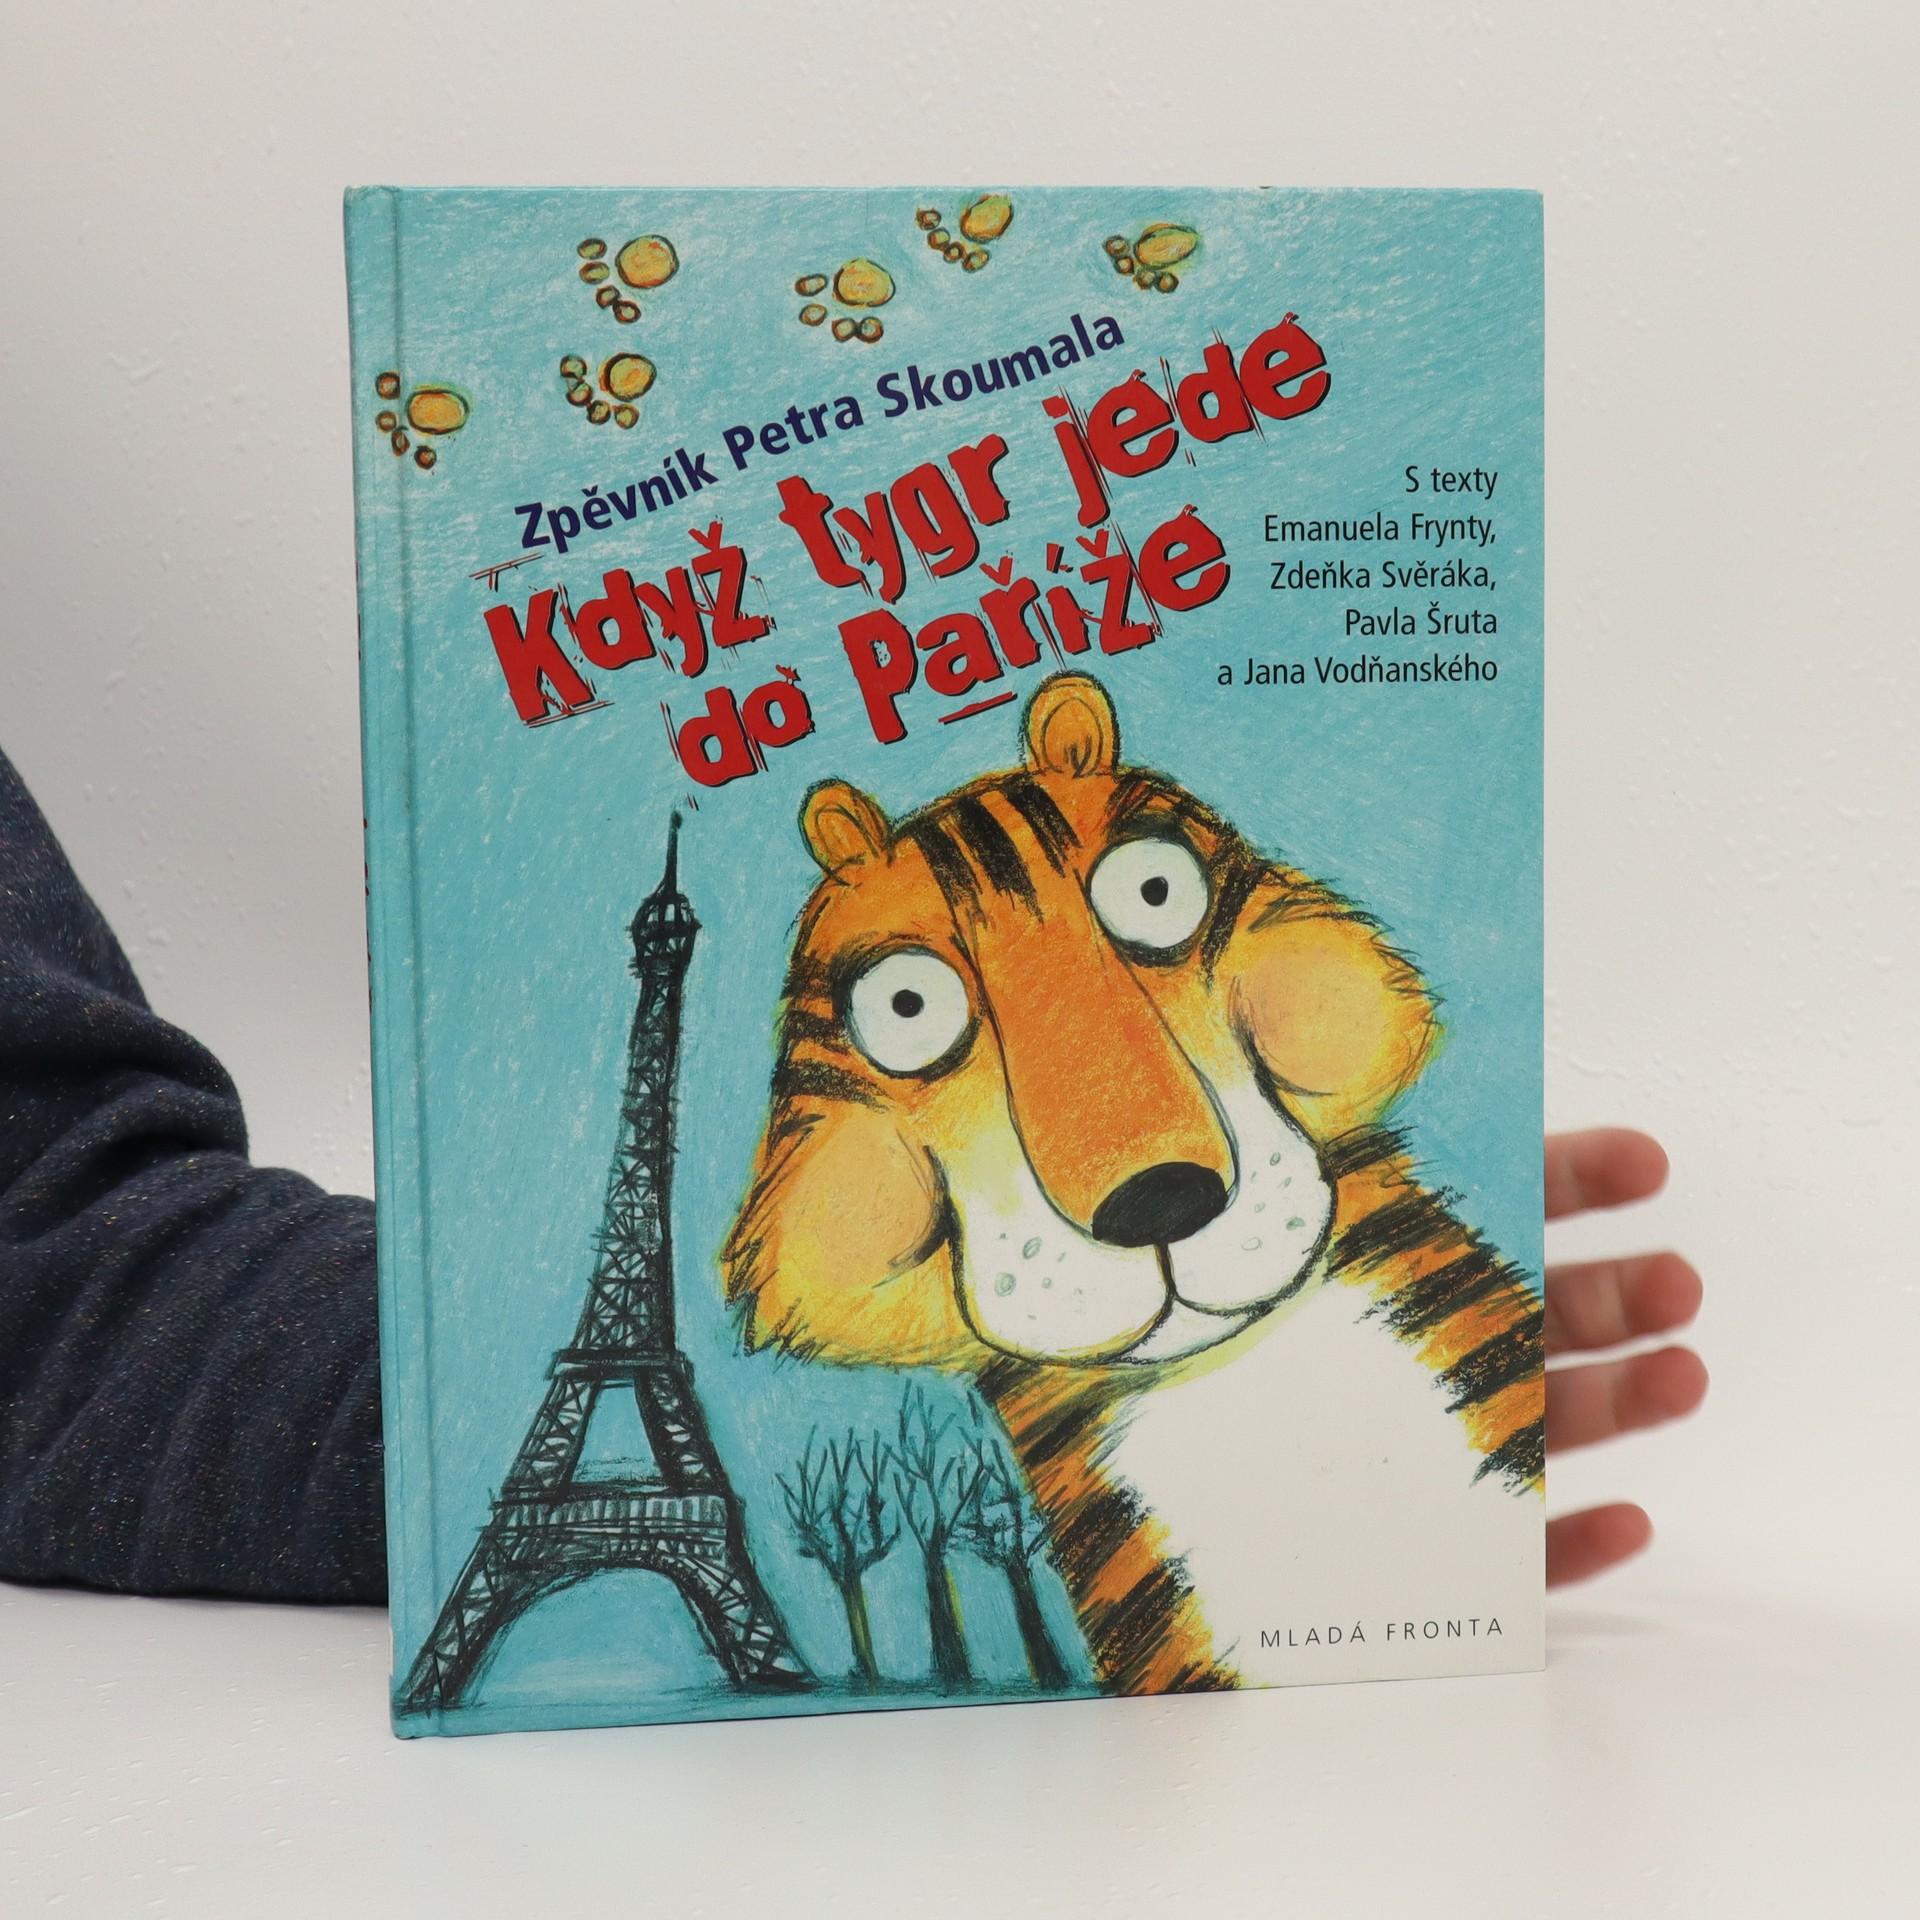 antikvární kniha Když tygr jede do Paříže. Zpěvník Petra Skoumala., 2006